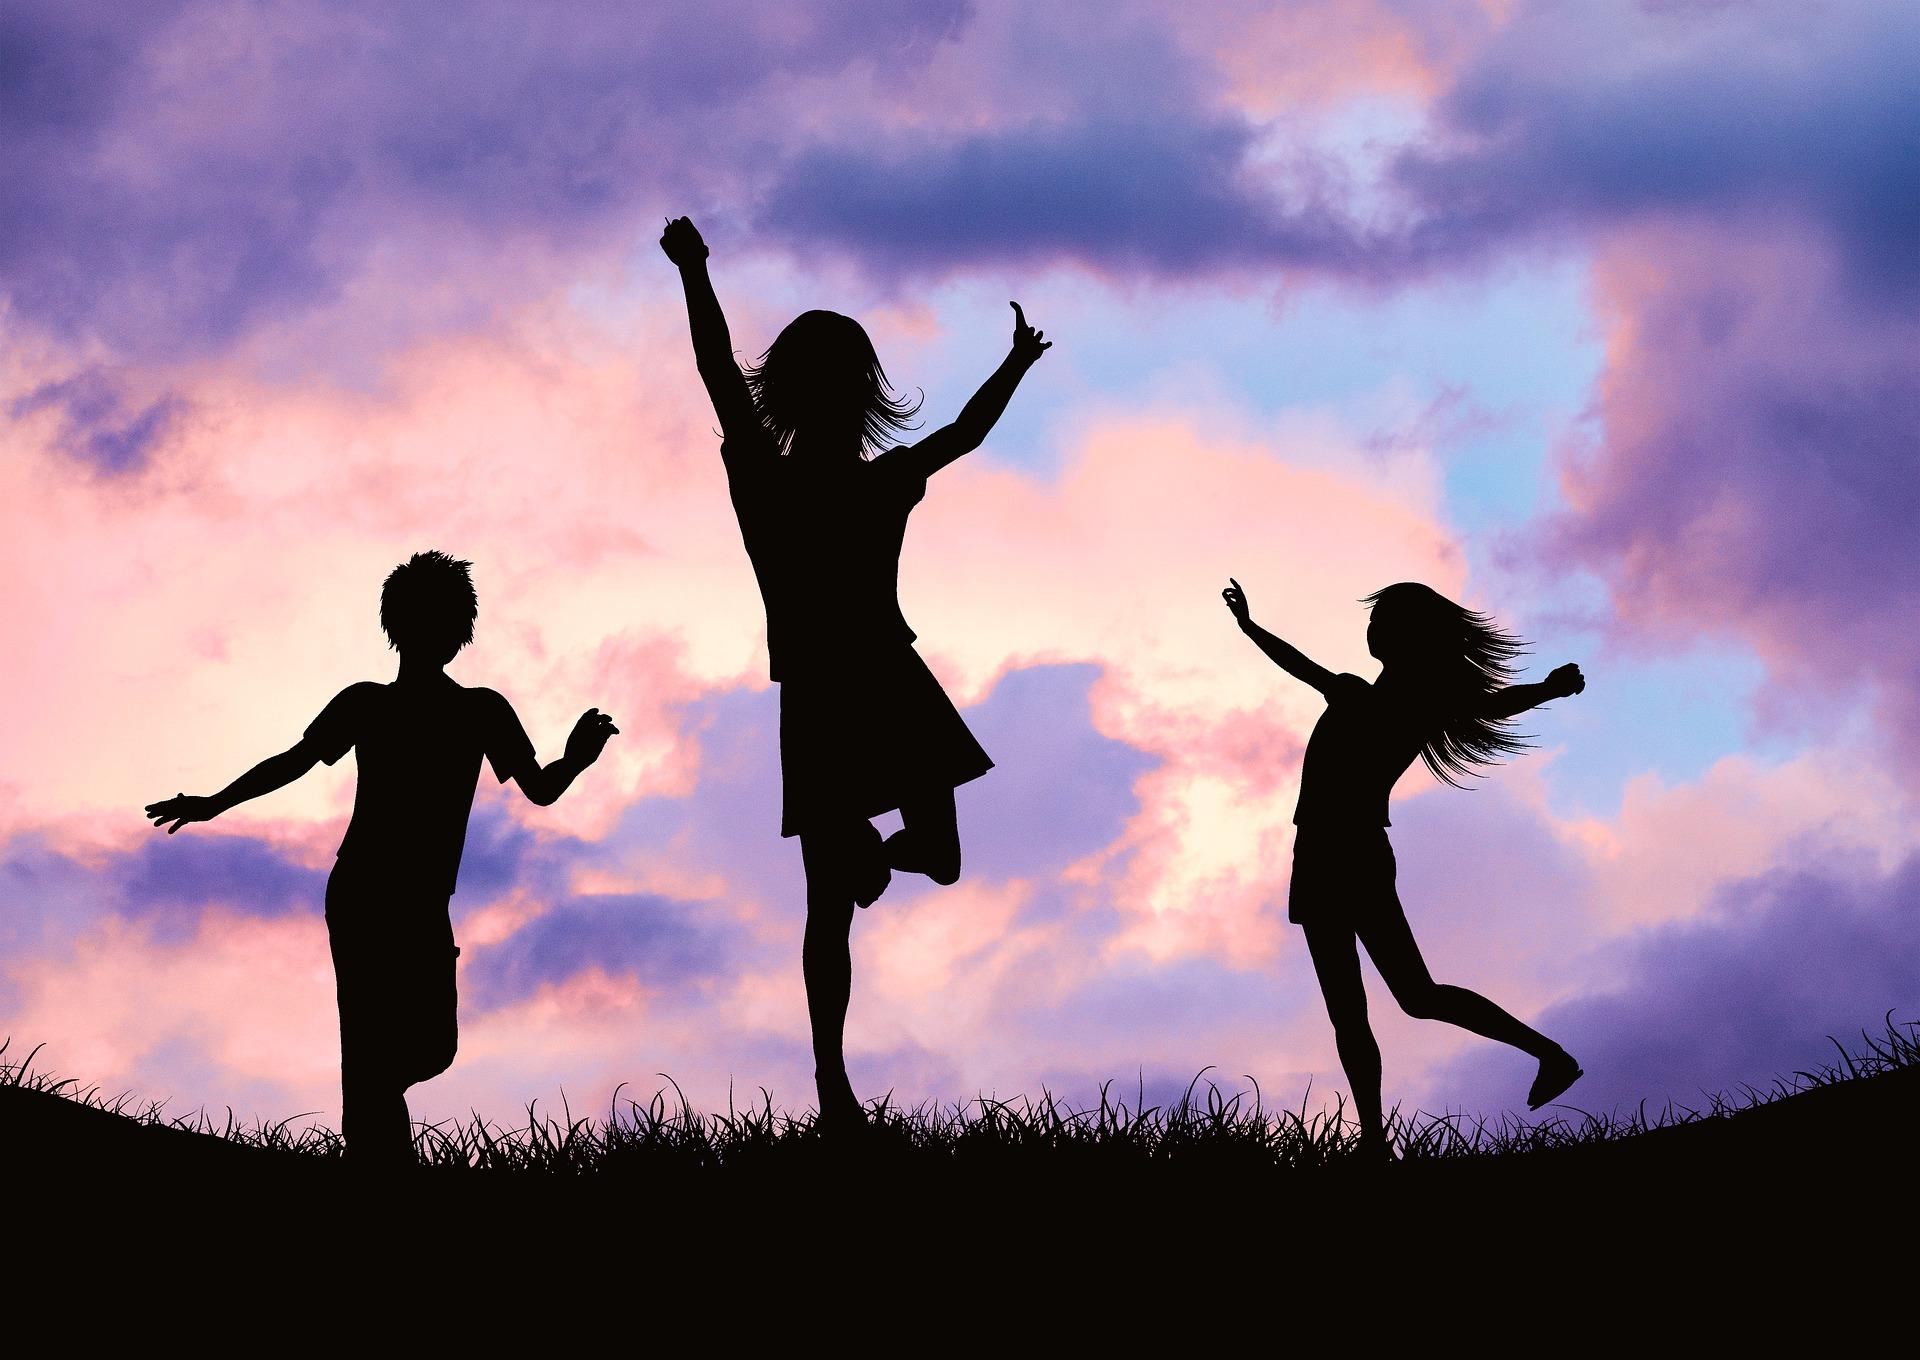 Ob ločitvi najbolj trpijo otroci